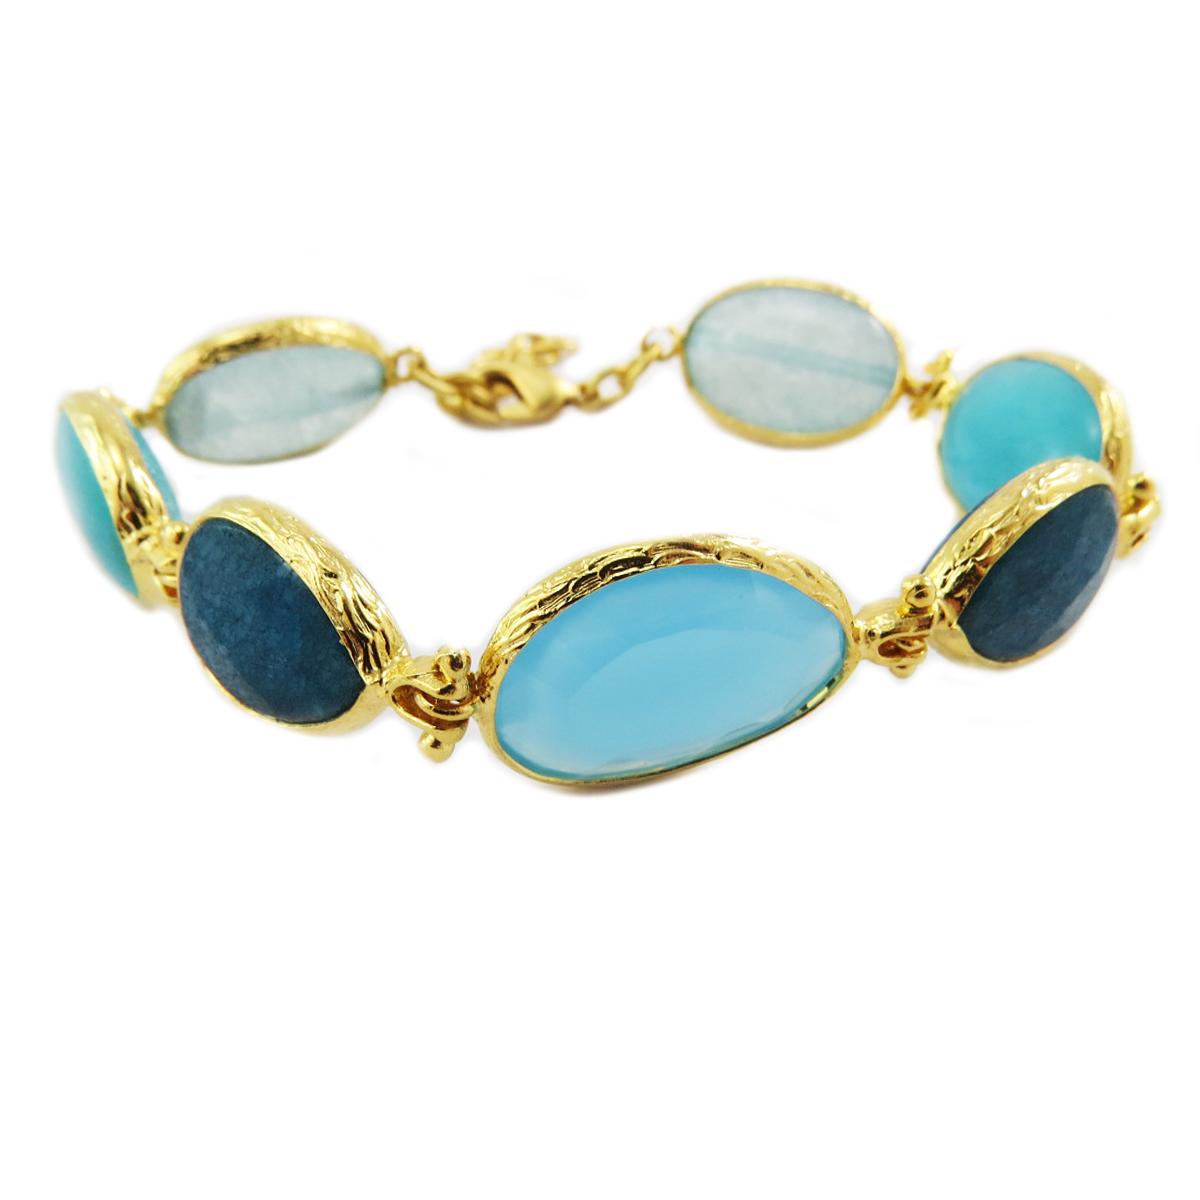 Bracelet artisanal \'Cléopatra\' turquoise doré - largeur 15 mm - [Q5661]